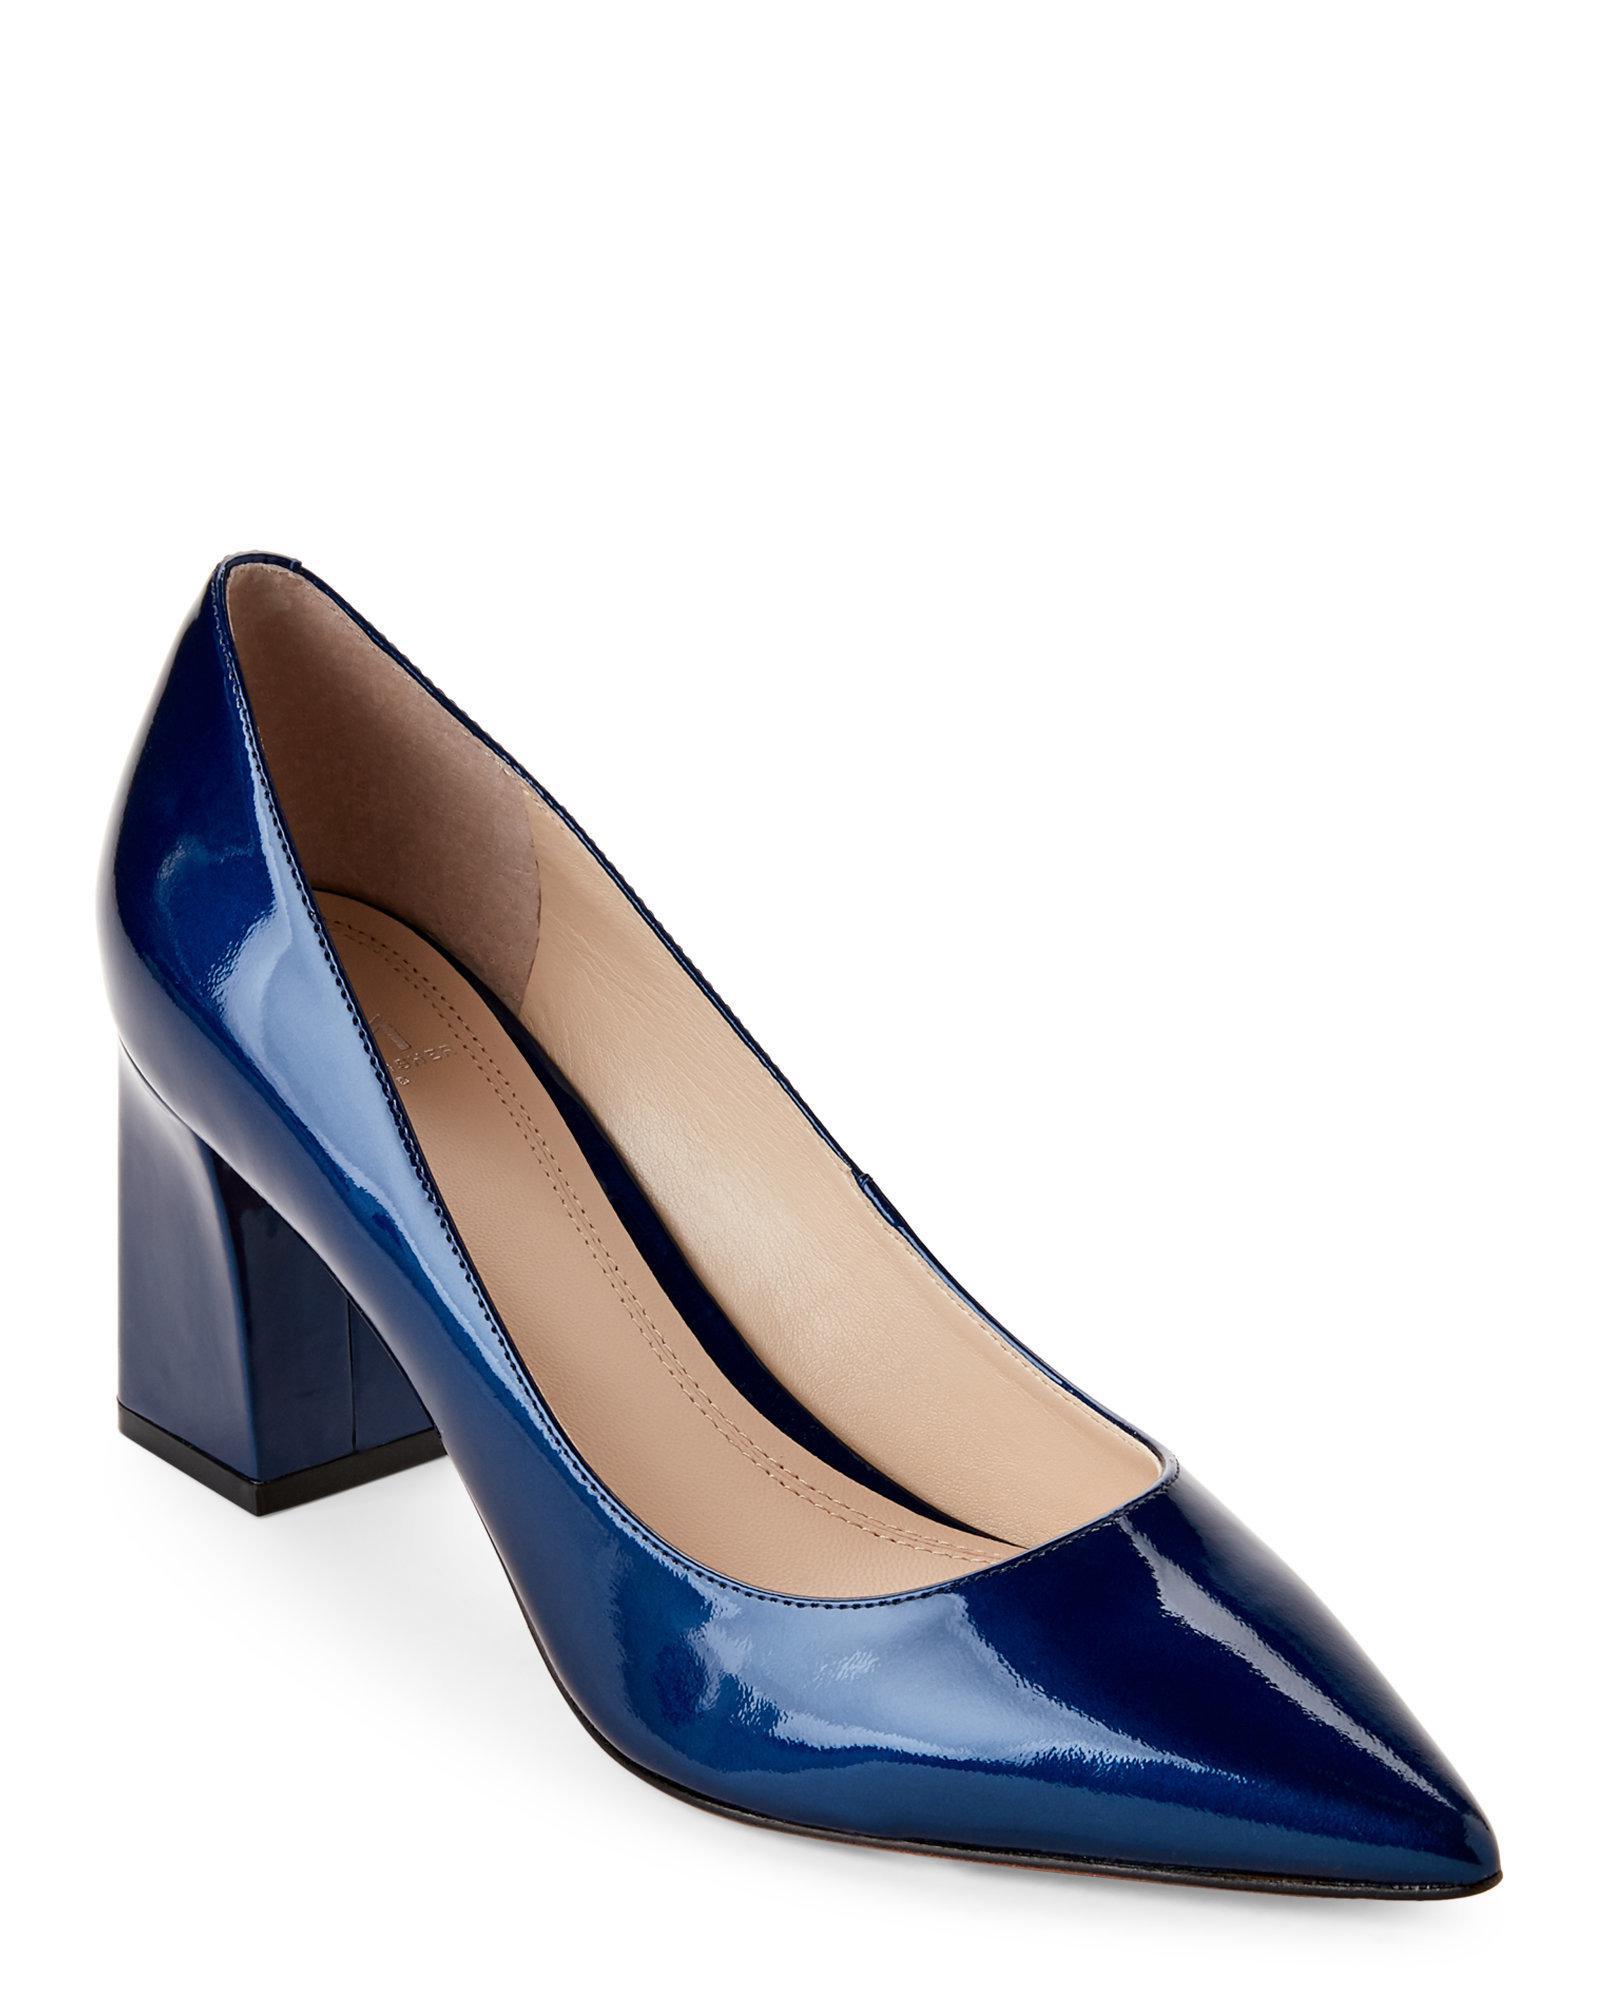 aadde6e69 Marc Fisher Zala Patent Leather Block Heel Pumps in Blue - Lyst